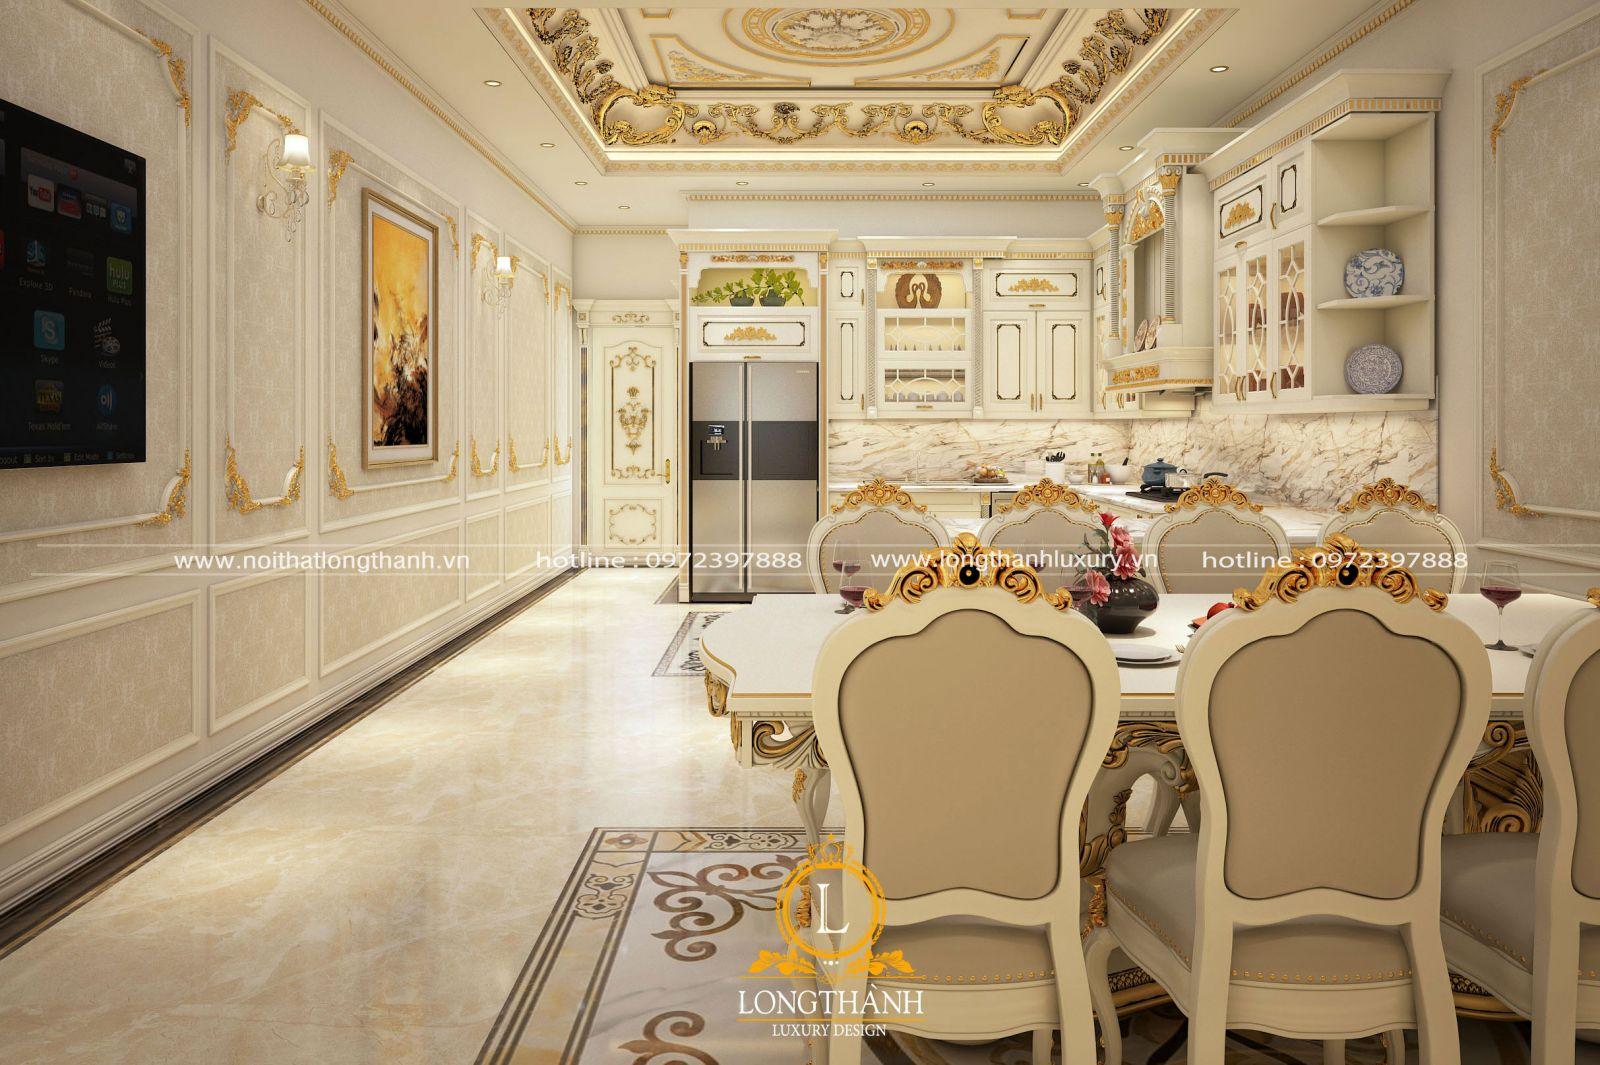 Tủ bếp tân cổ điển sơn trắng mạ vàng cho người mệnh Thủy